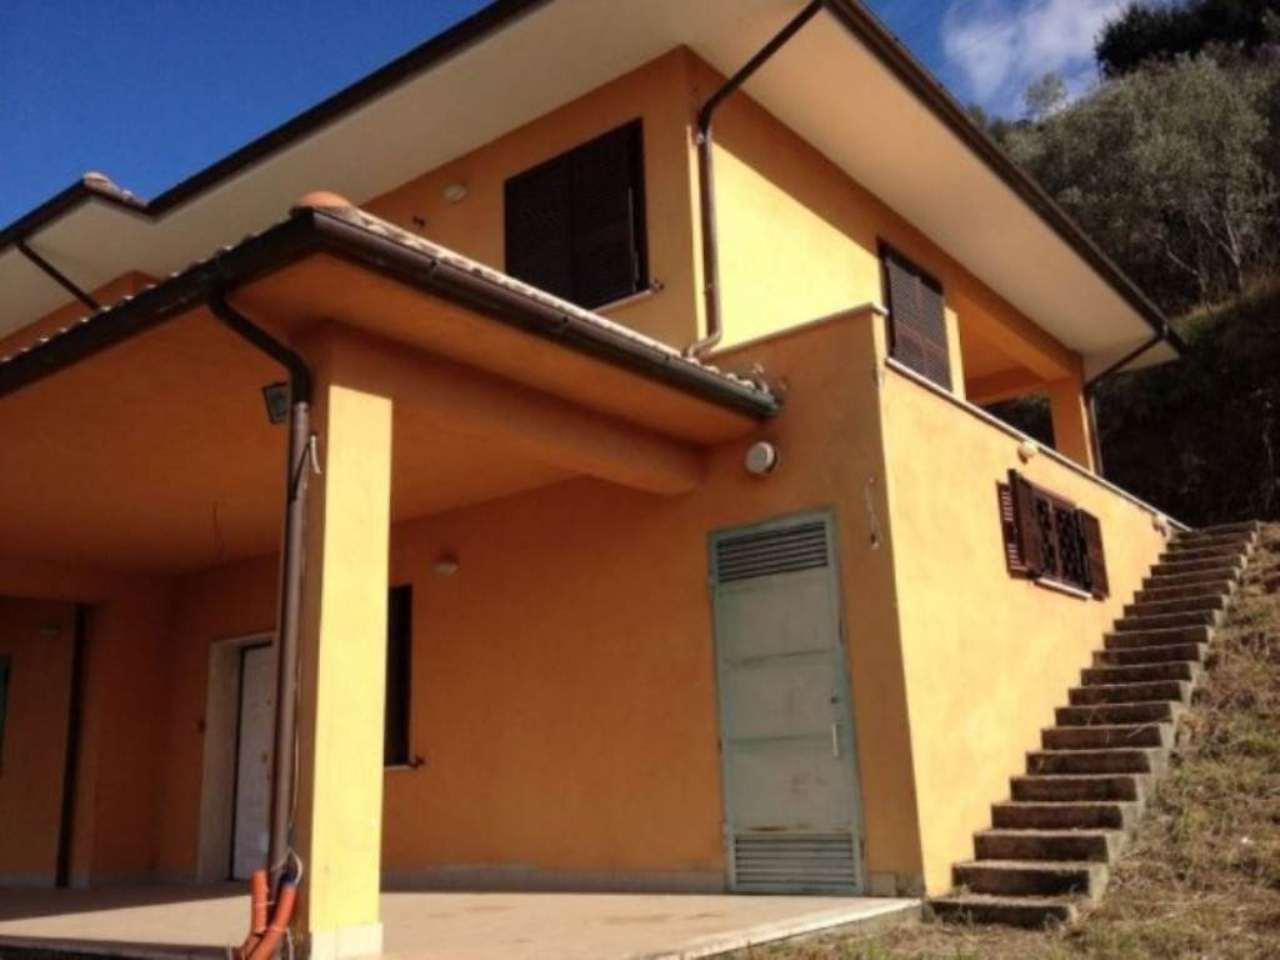 Villa in vendita a Poggio Catino, 6 locali, prezzo € 245.000 | Cambio Casa.it